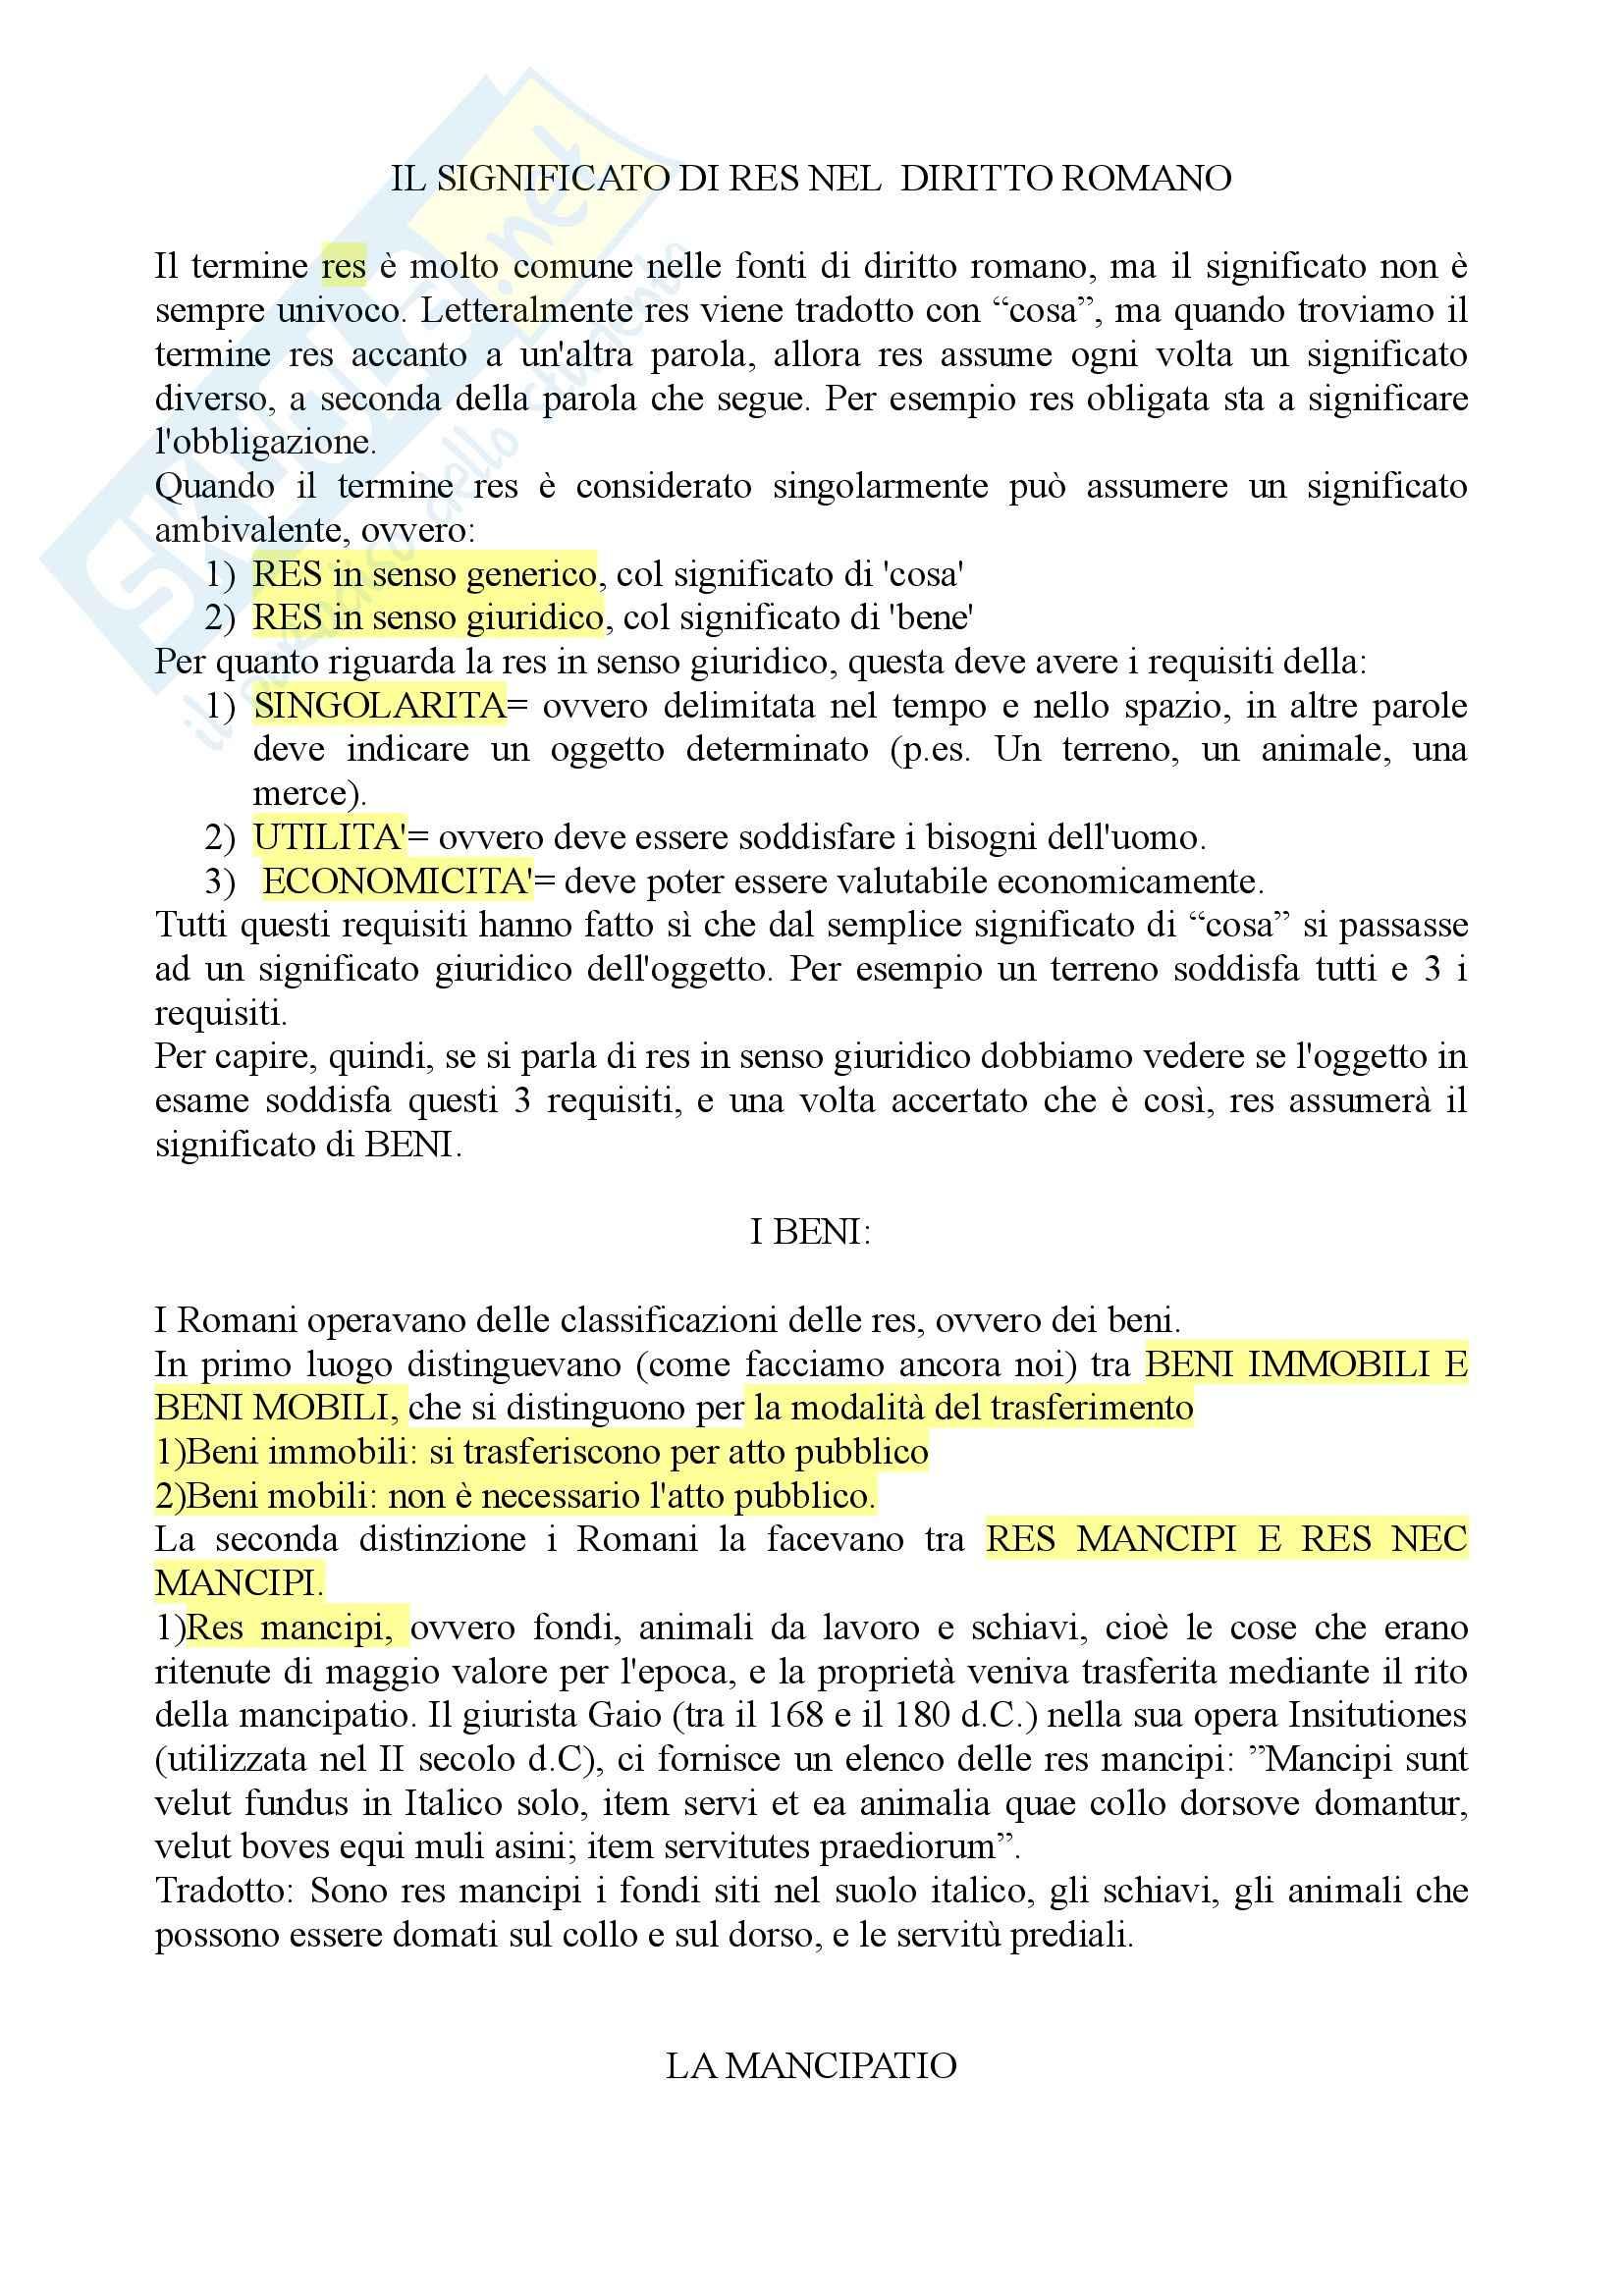 Diritto romano - il significato di res